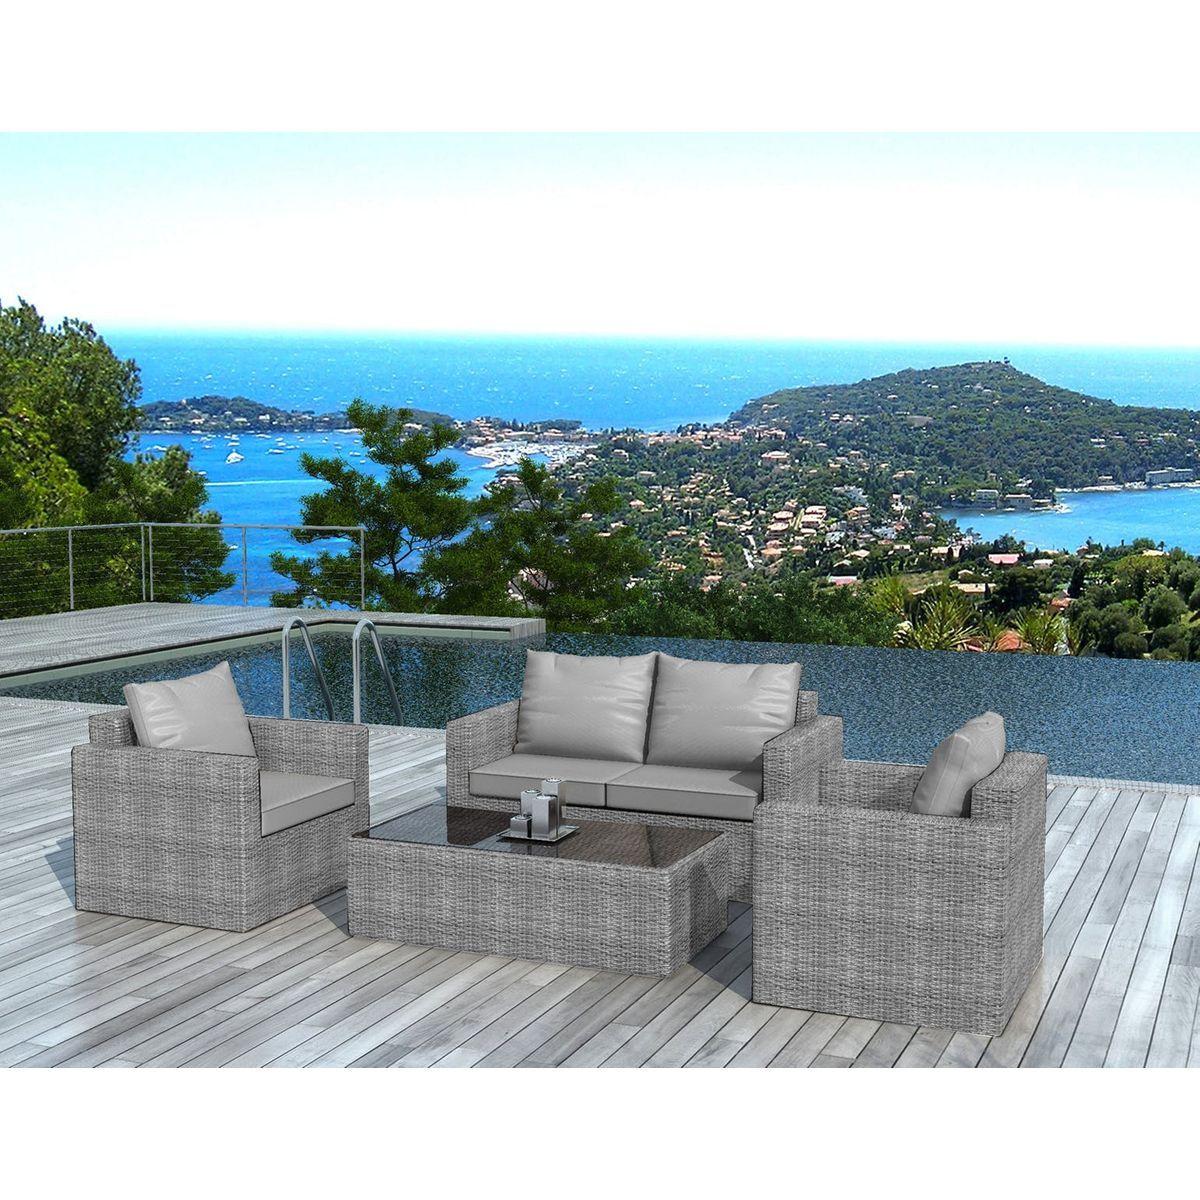 Stunning Salon De Jardin Tresse Venise Ideas - House ...